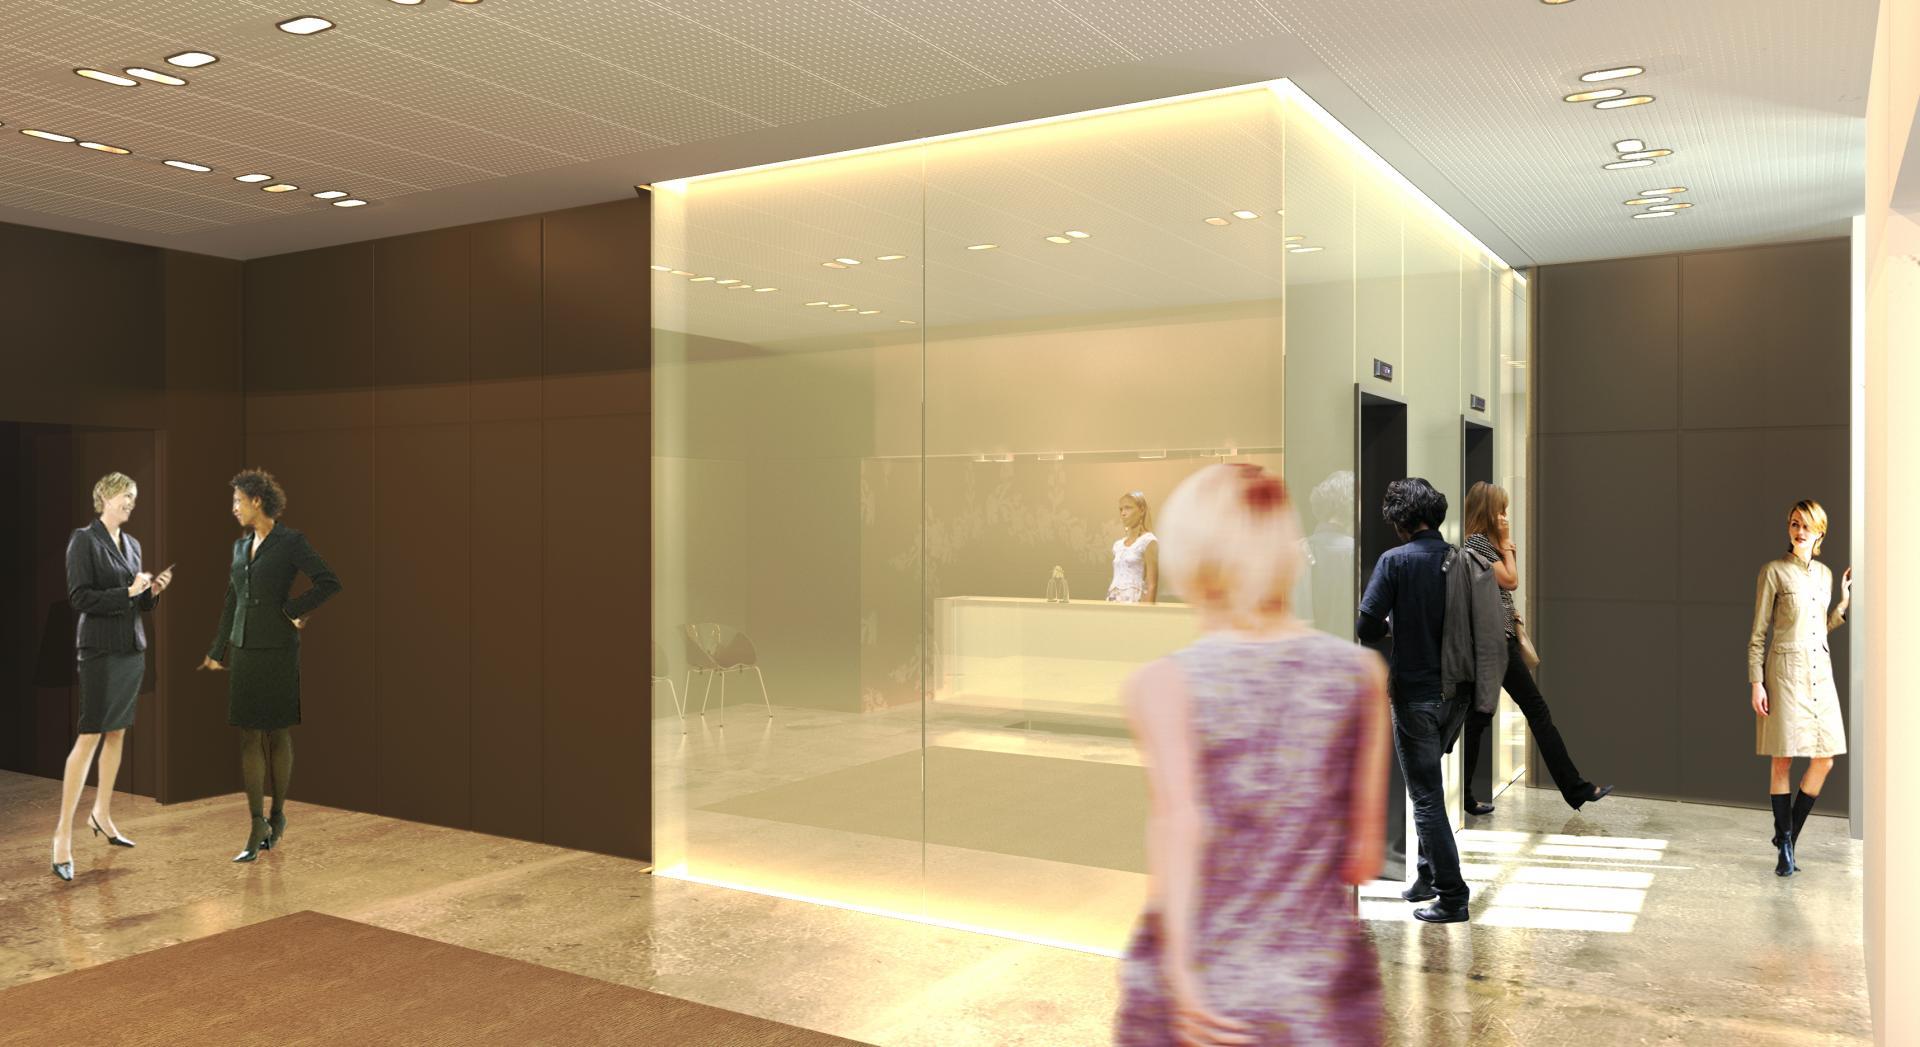 Ascenseur v3